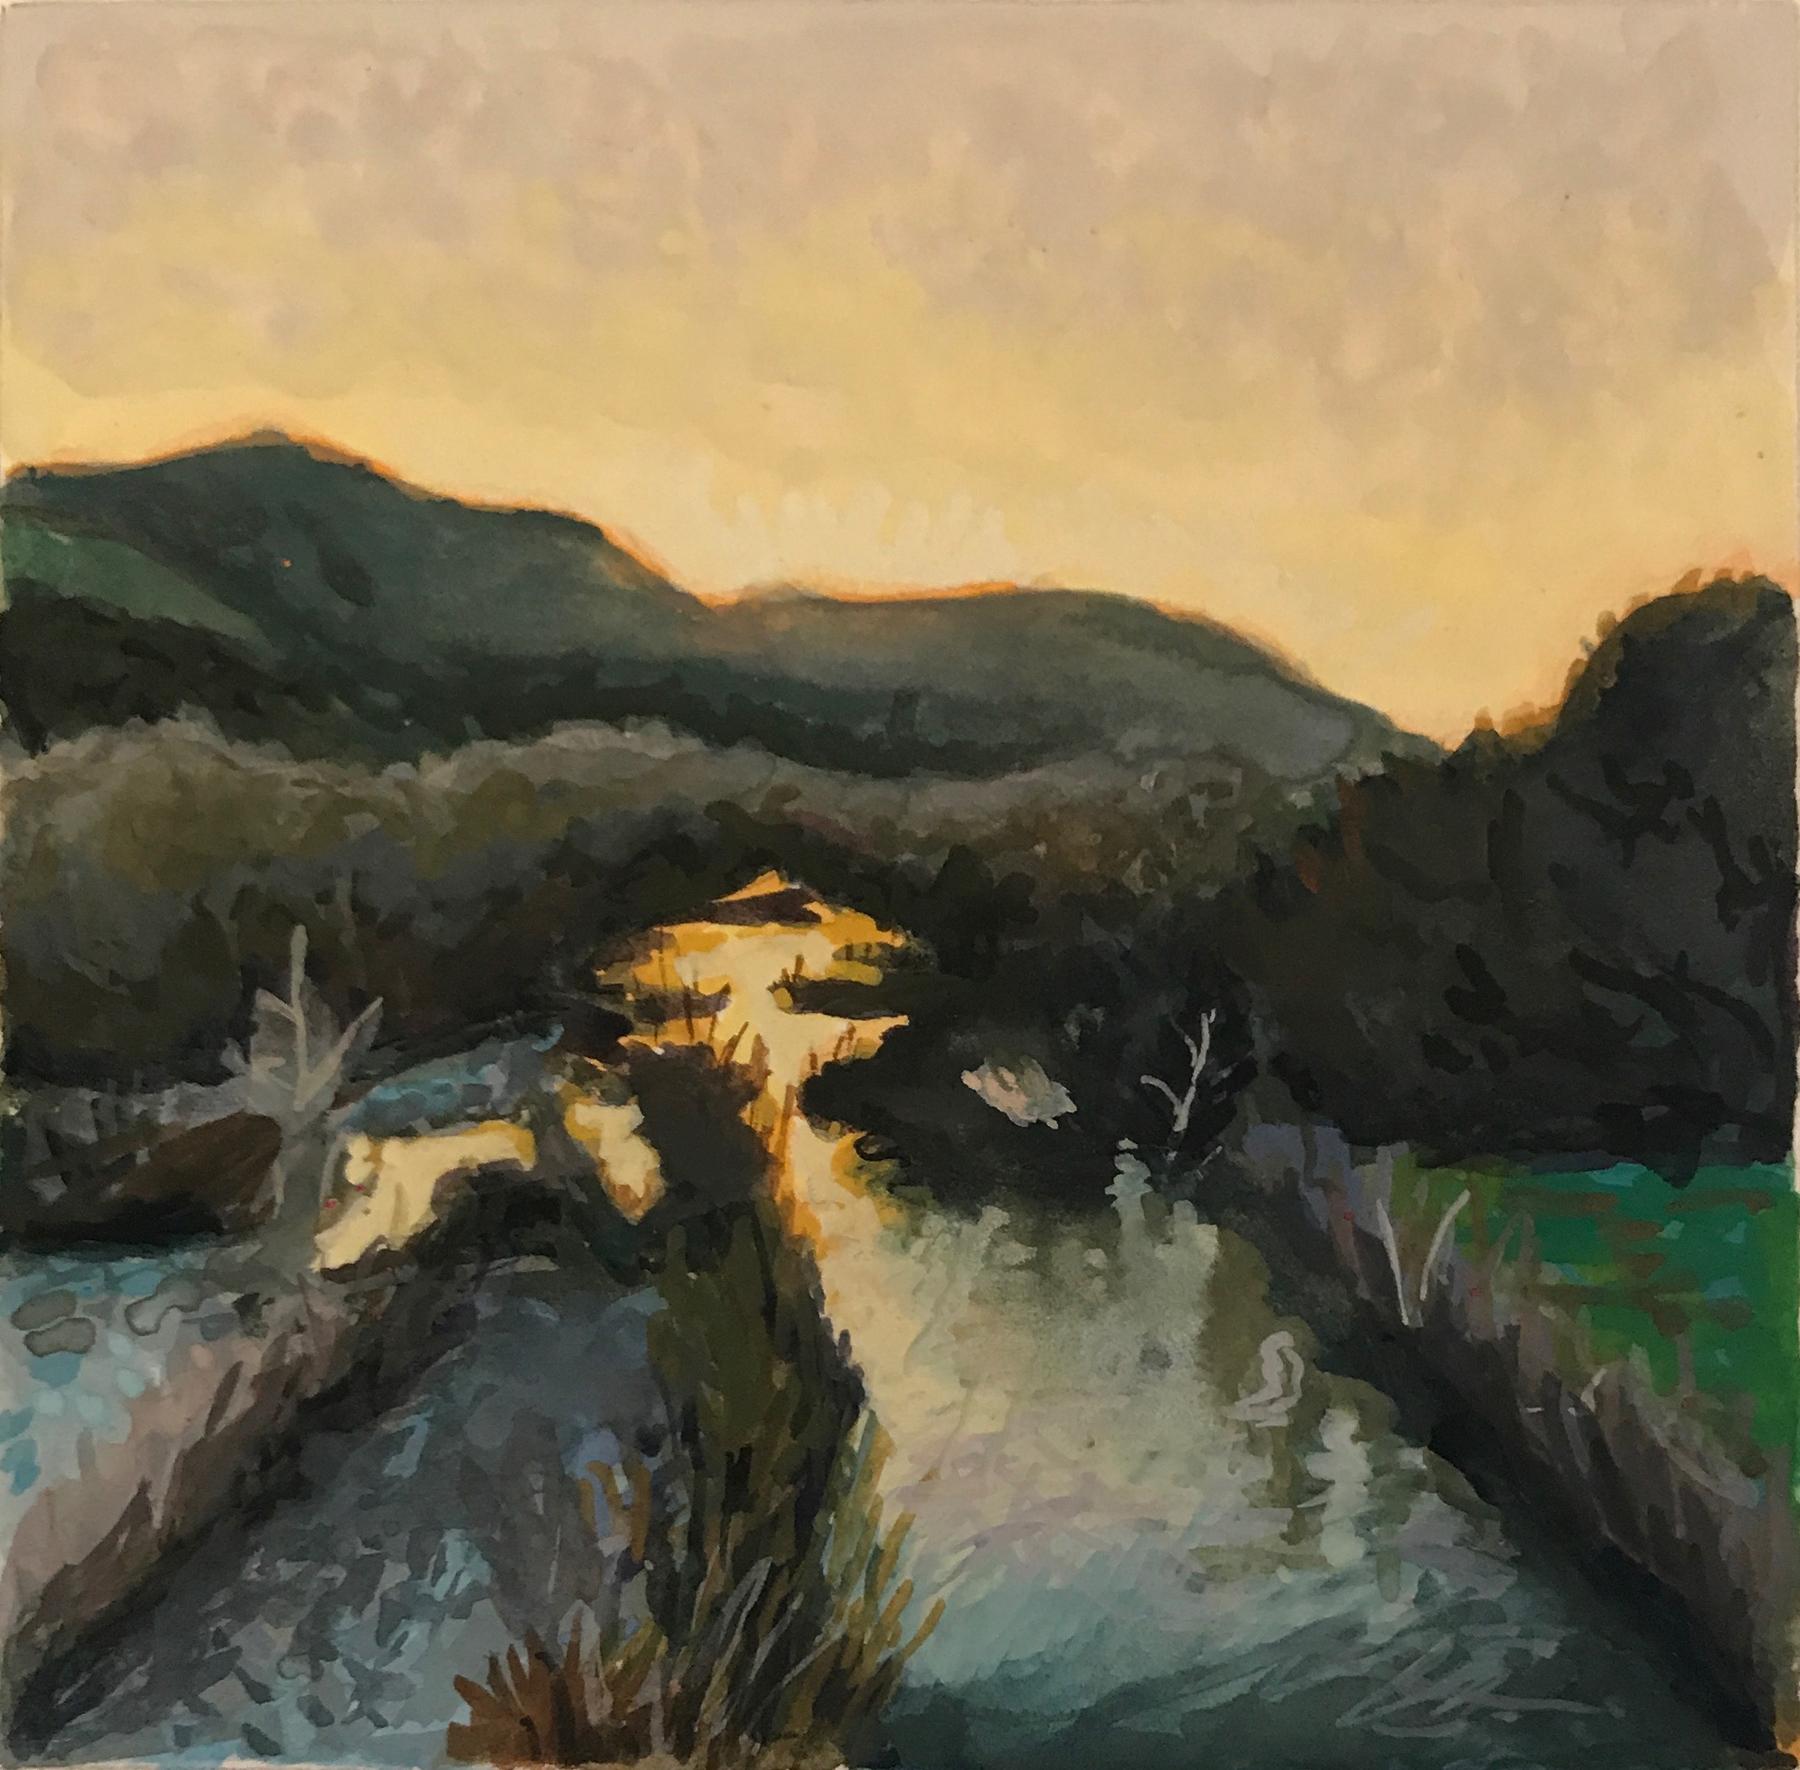 S.Y. River Buellton